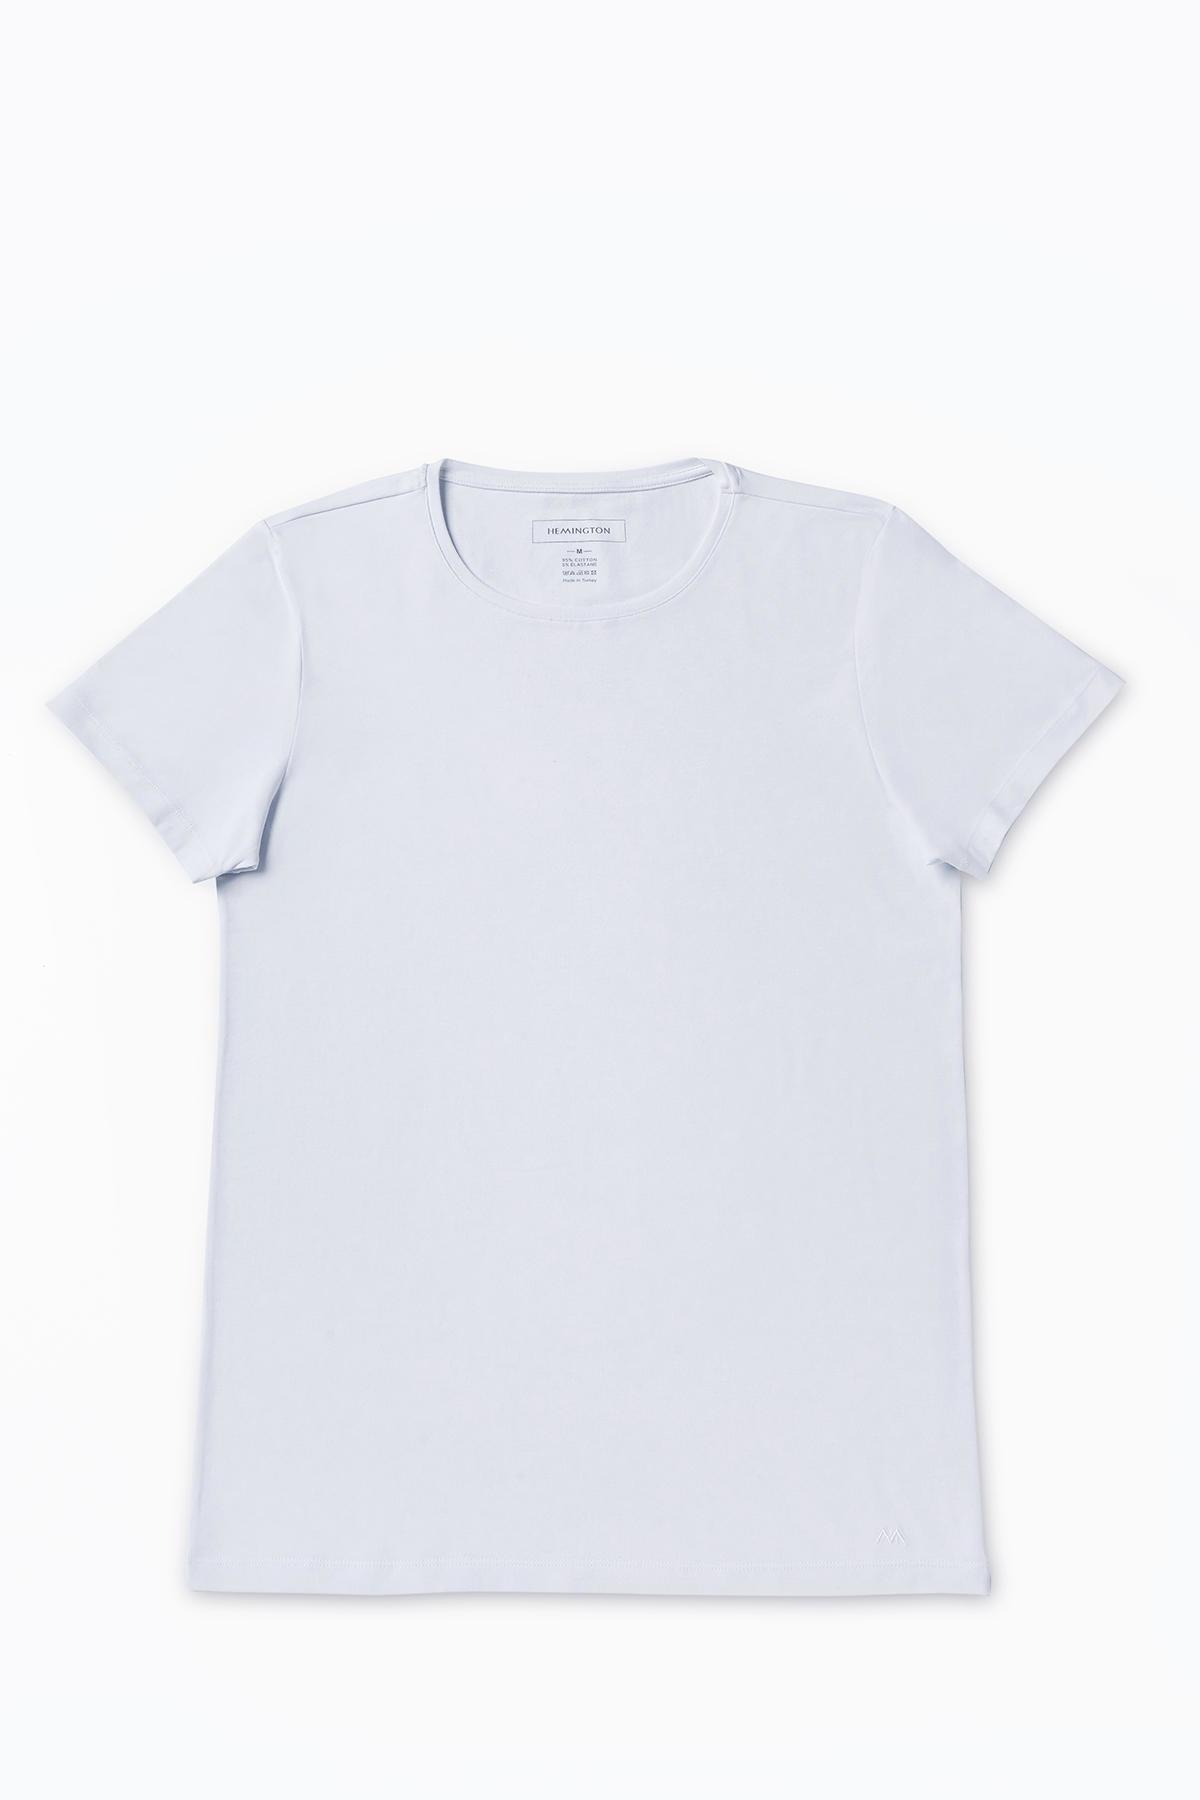 Pamuklu Beyaz İç Giyim T-Shirt